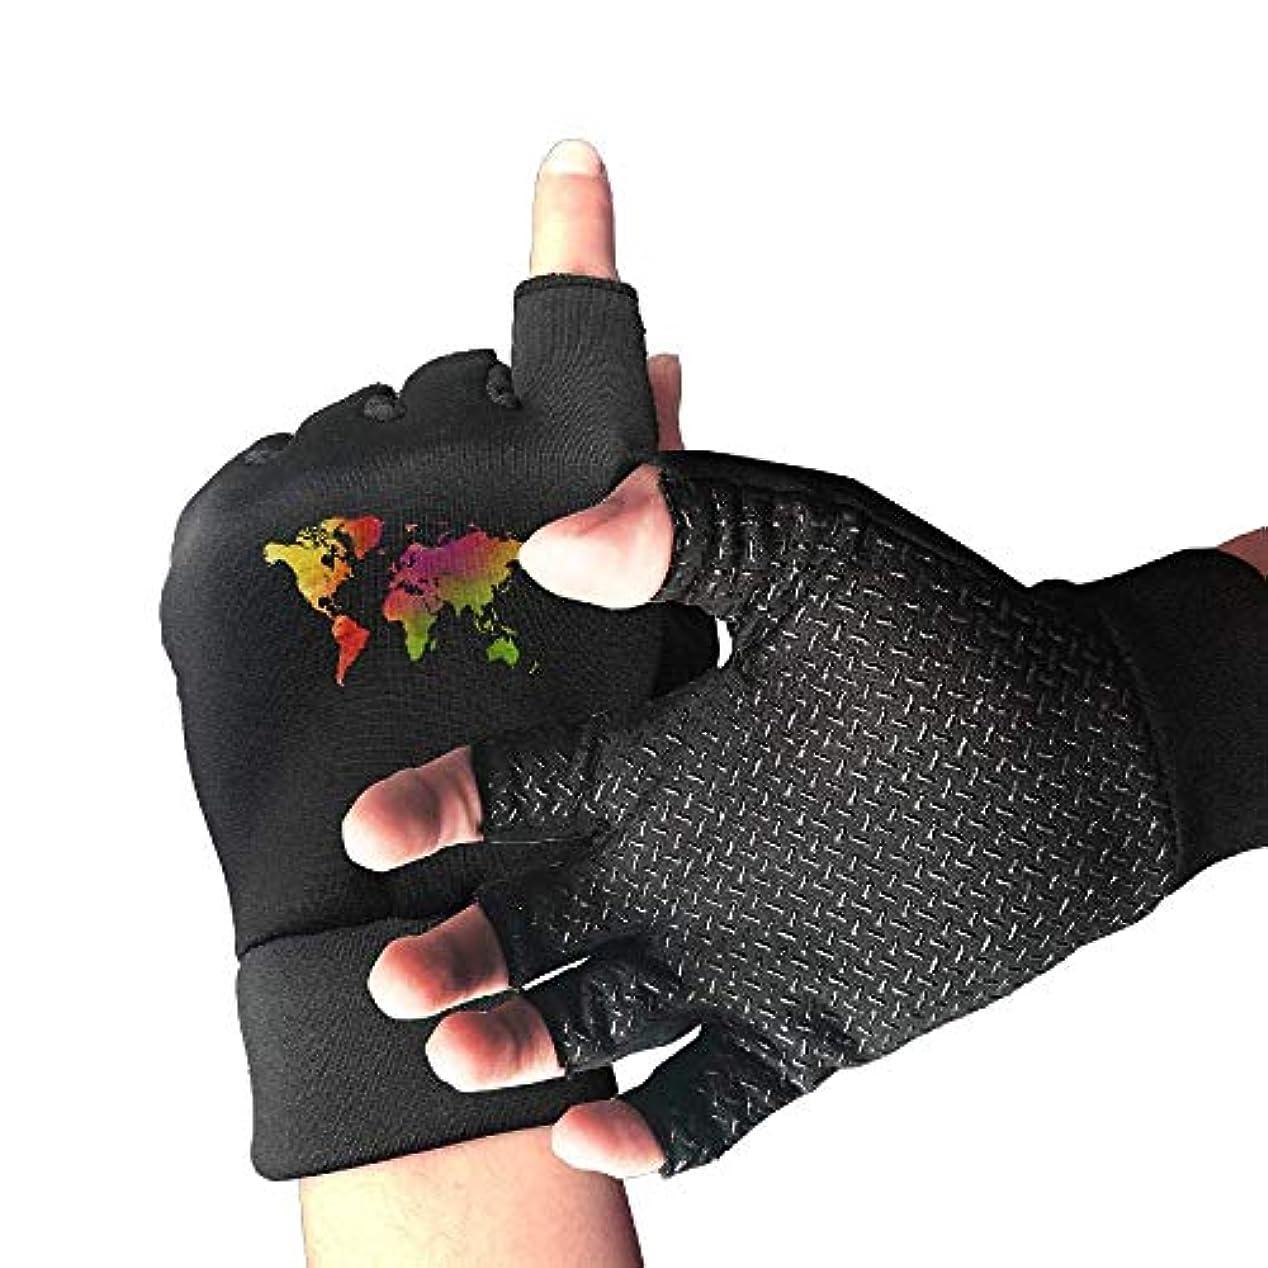 閉じる男多様なCycling Gloves Colorful Map Men's/Women's Mountain Bike Gloves Half Finger Anti-Slip Motorcycle Gloves